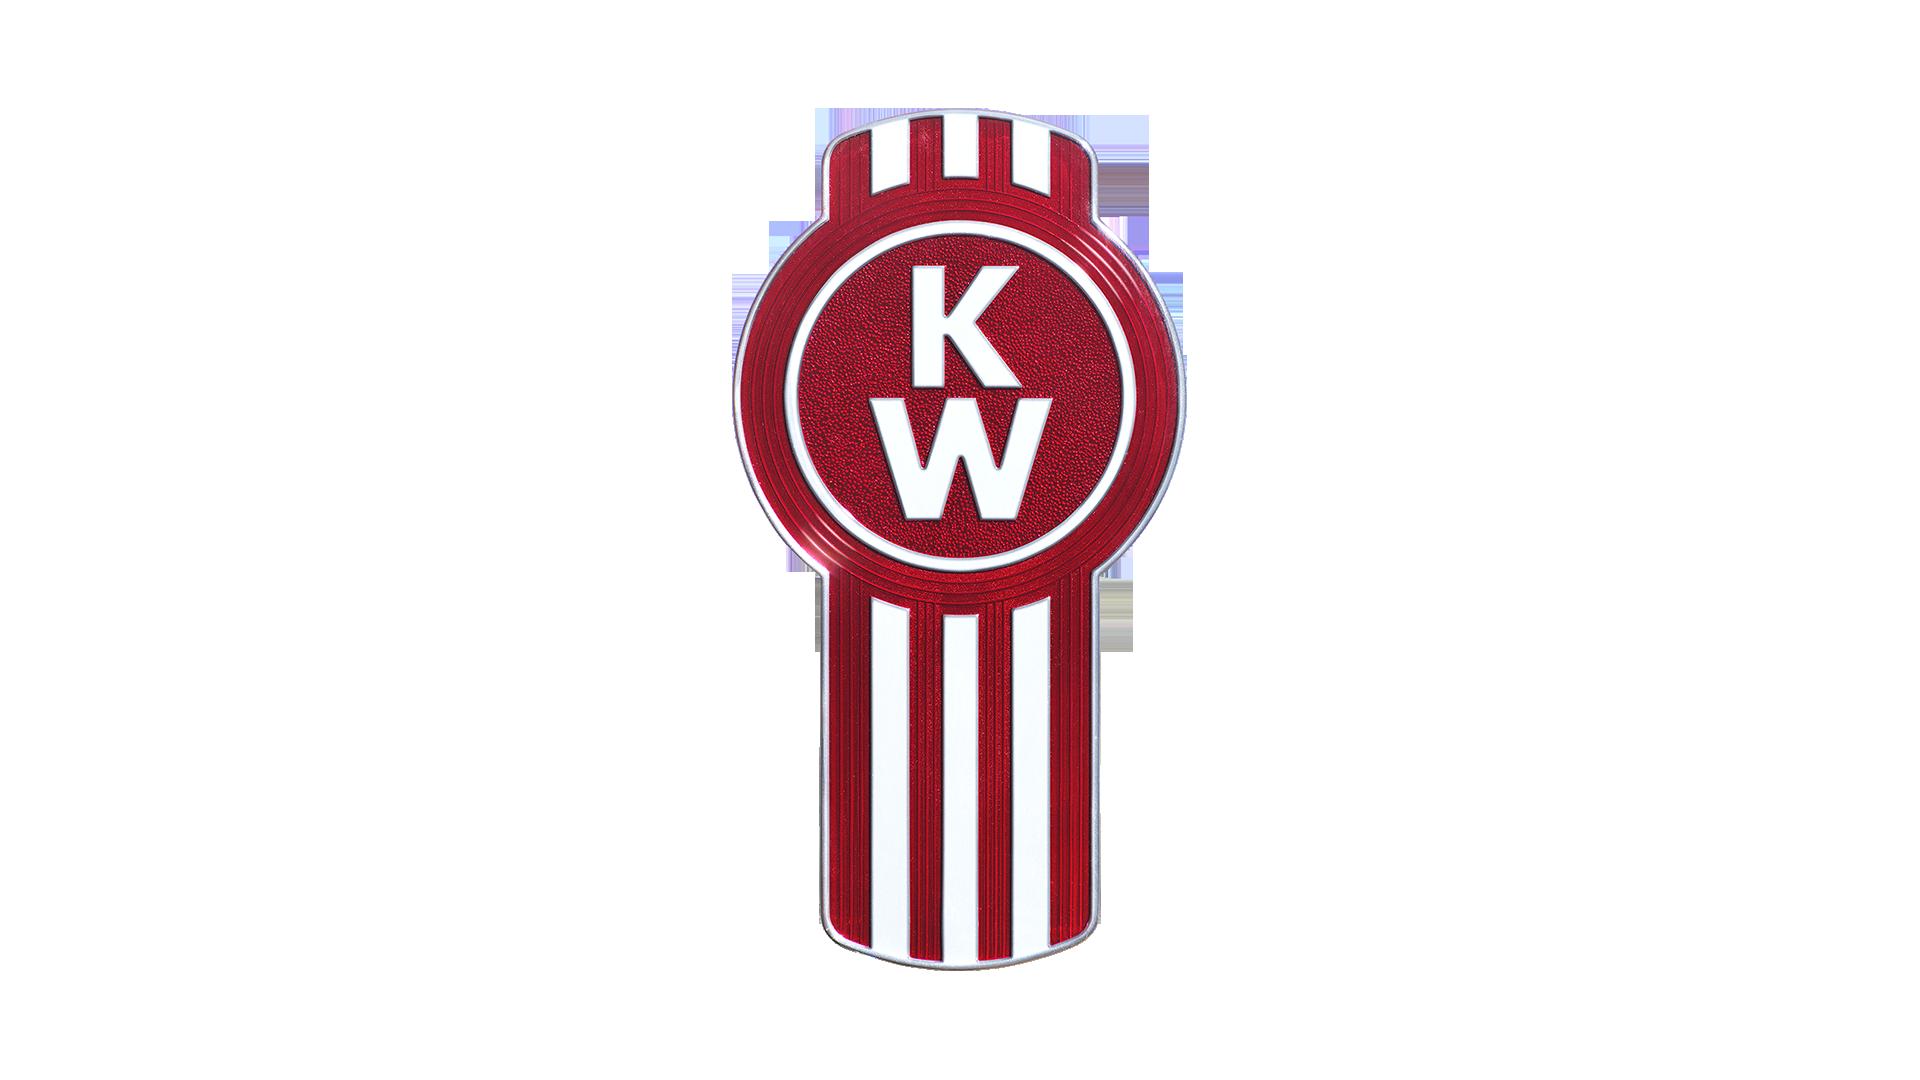 Kenworth Truck Logo, H...